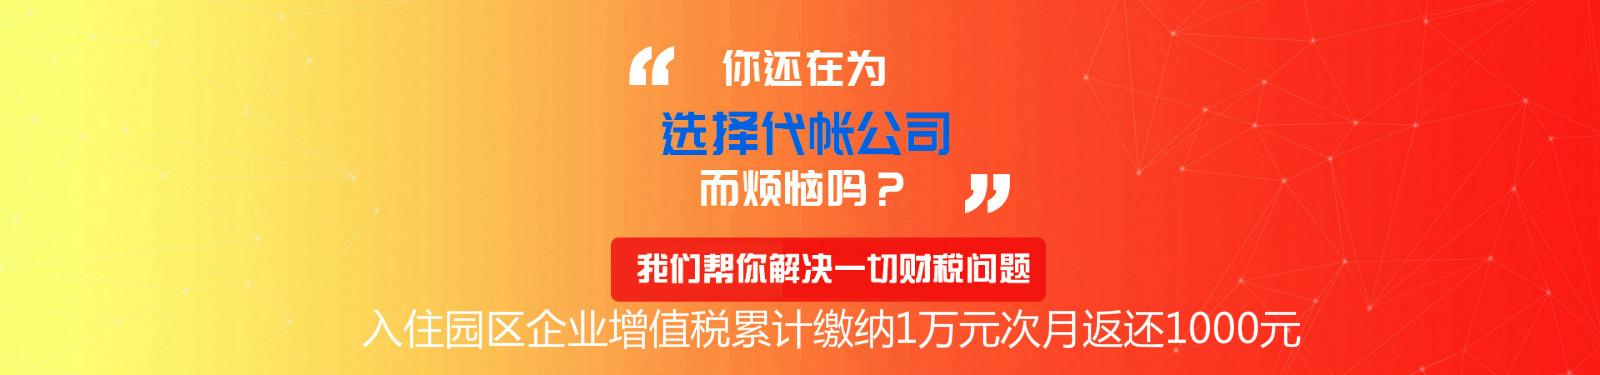 天津武清0元公司注册、免费提供注册地址、享受园区高额税收返还政策